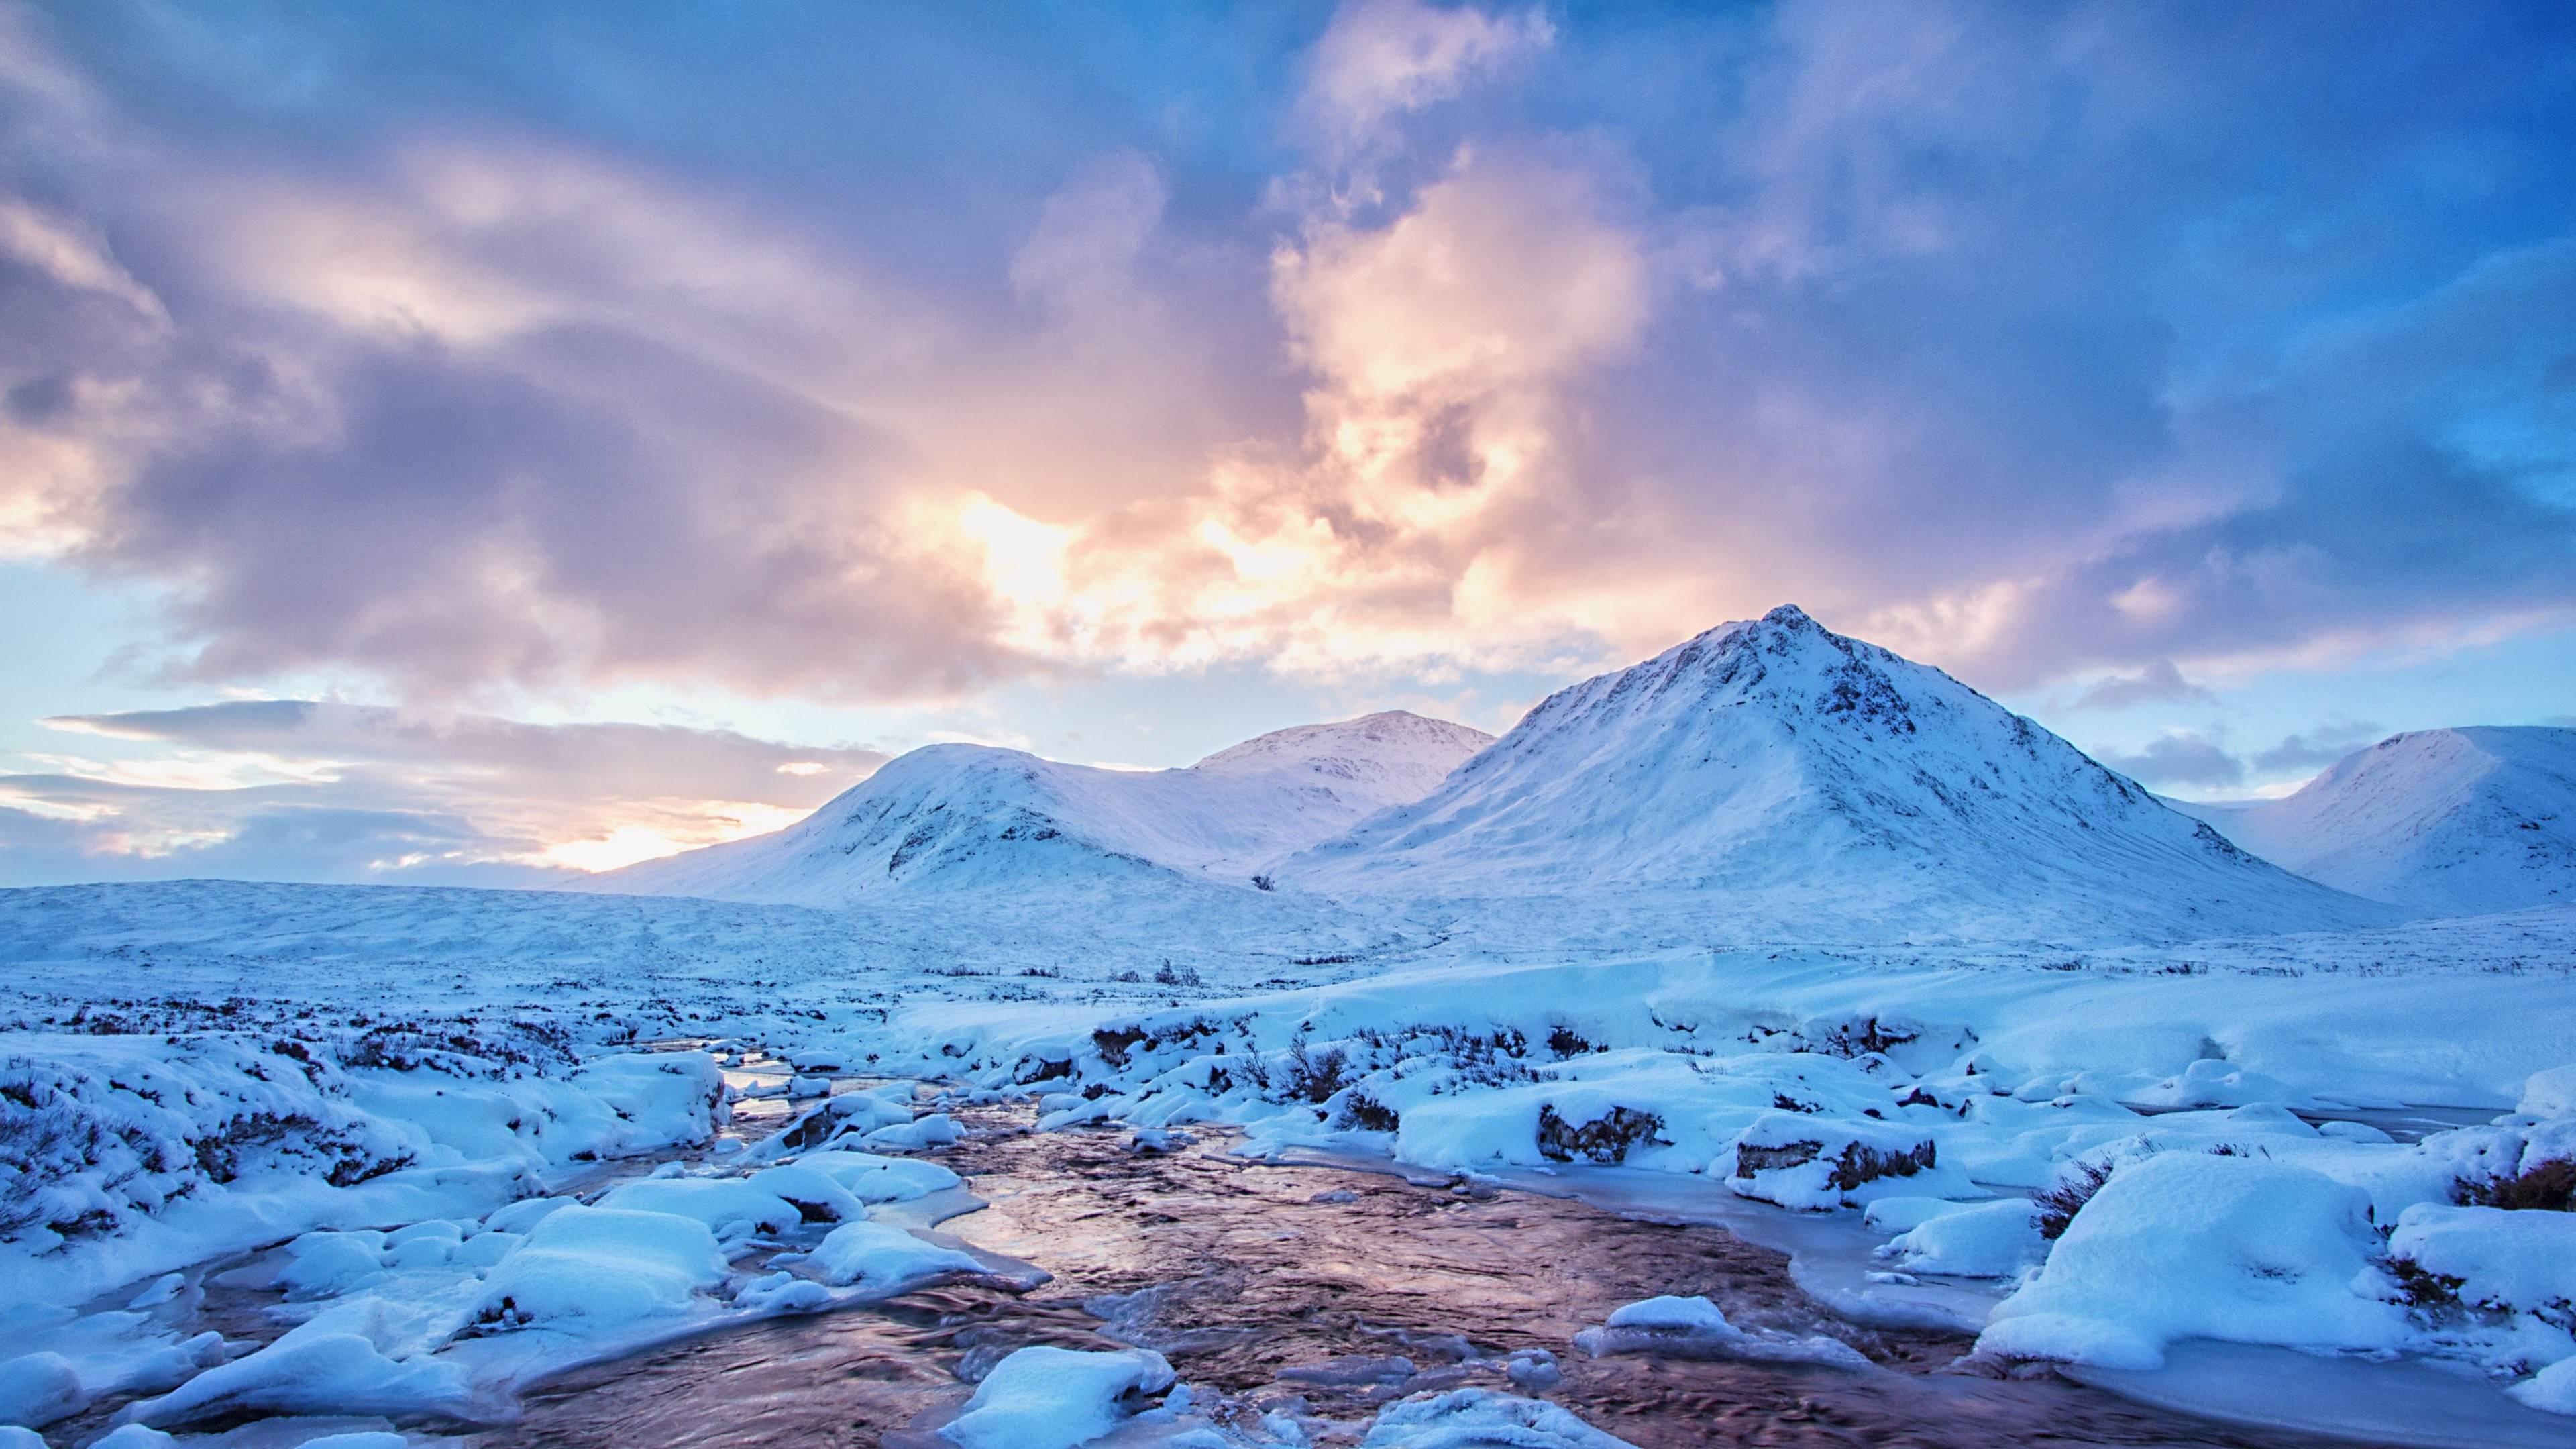 Download 4K Landscape Wallpaper Images